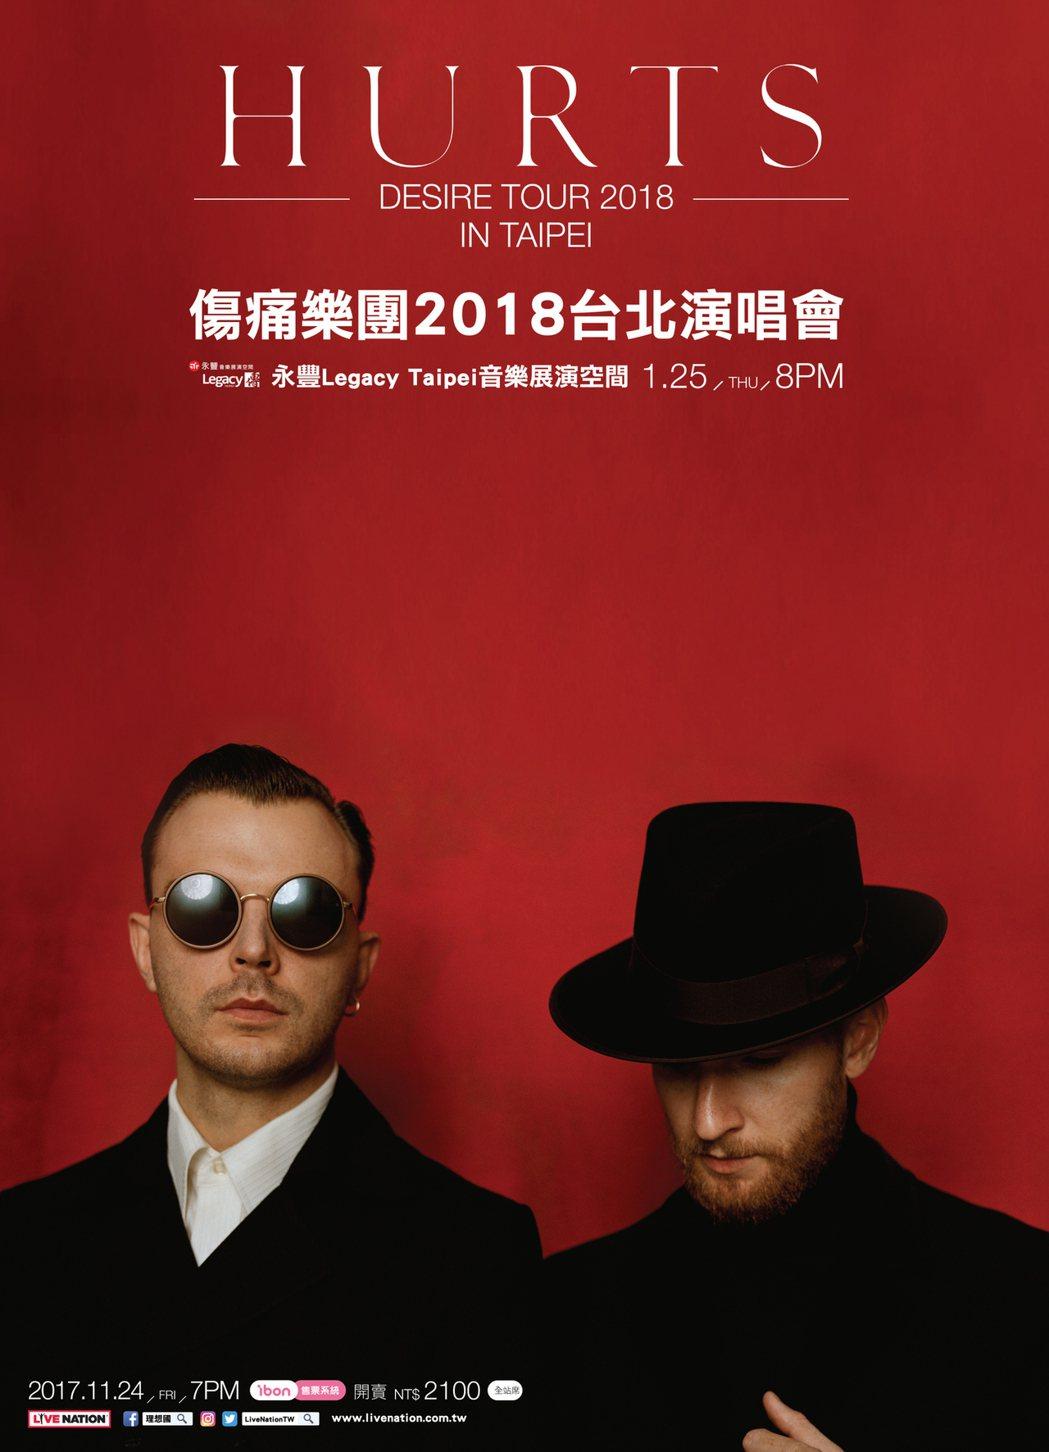 英國復古電音男子雙人組合「傷痛樂團(Hurts)」明年一月登台開唱。圖/理想國提...